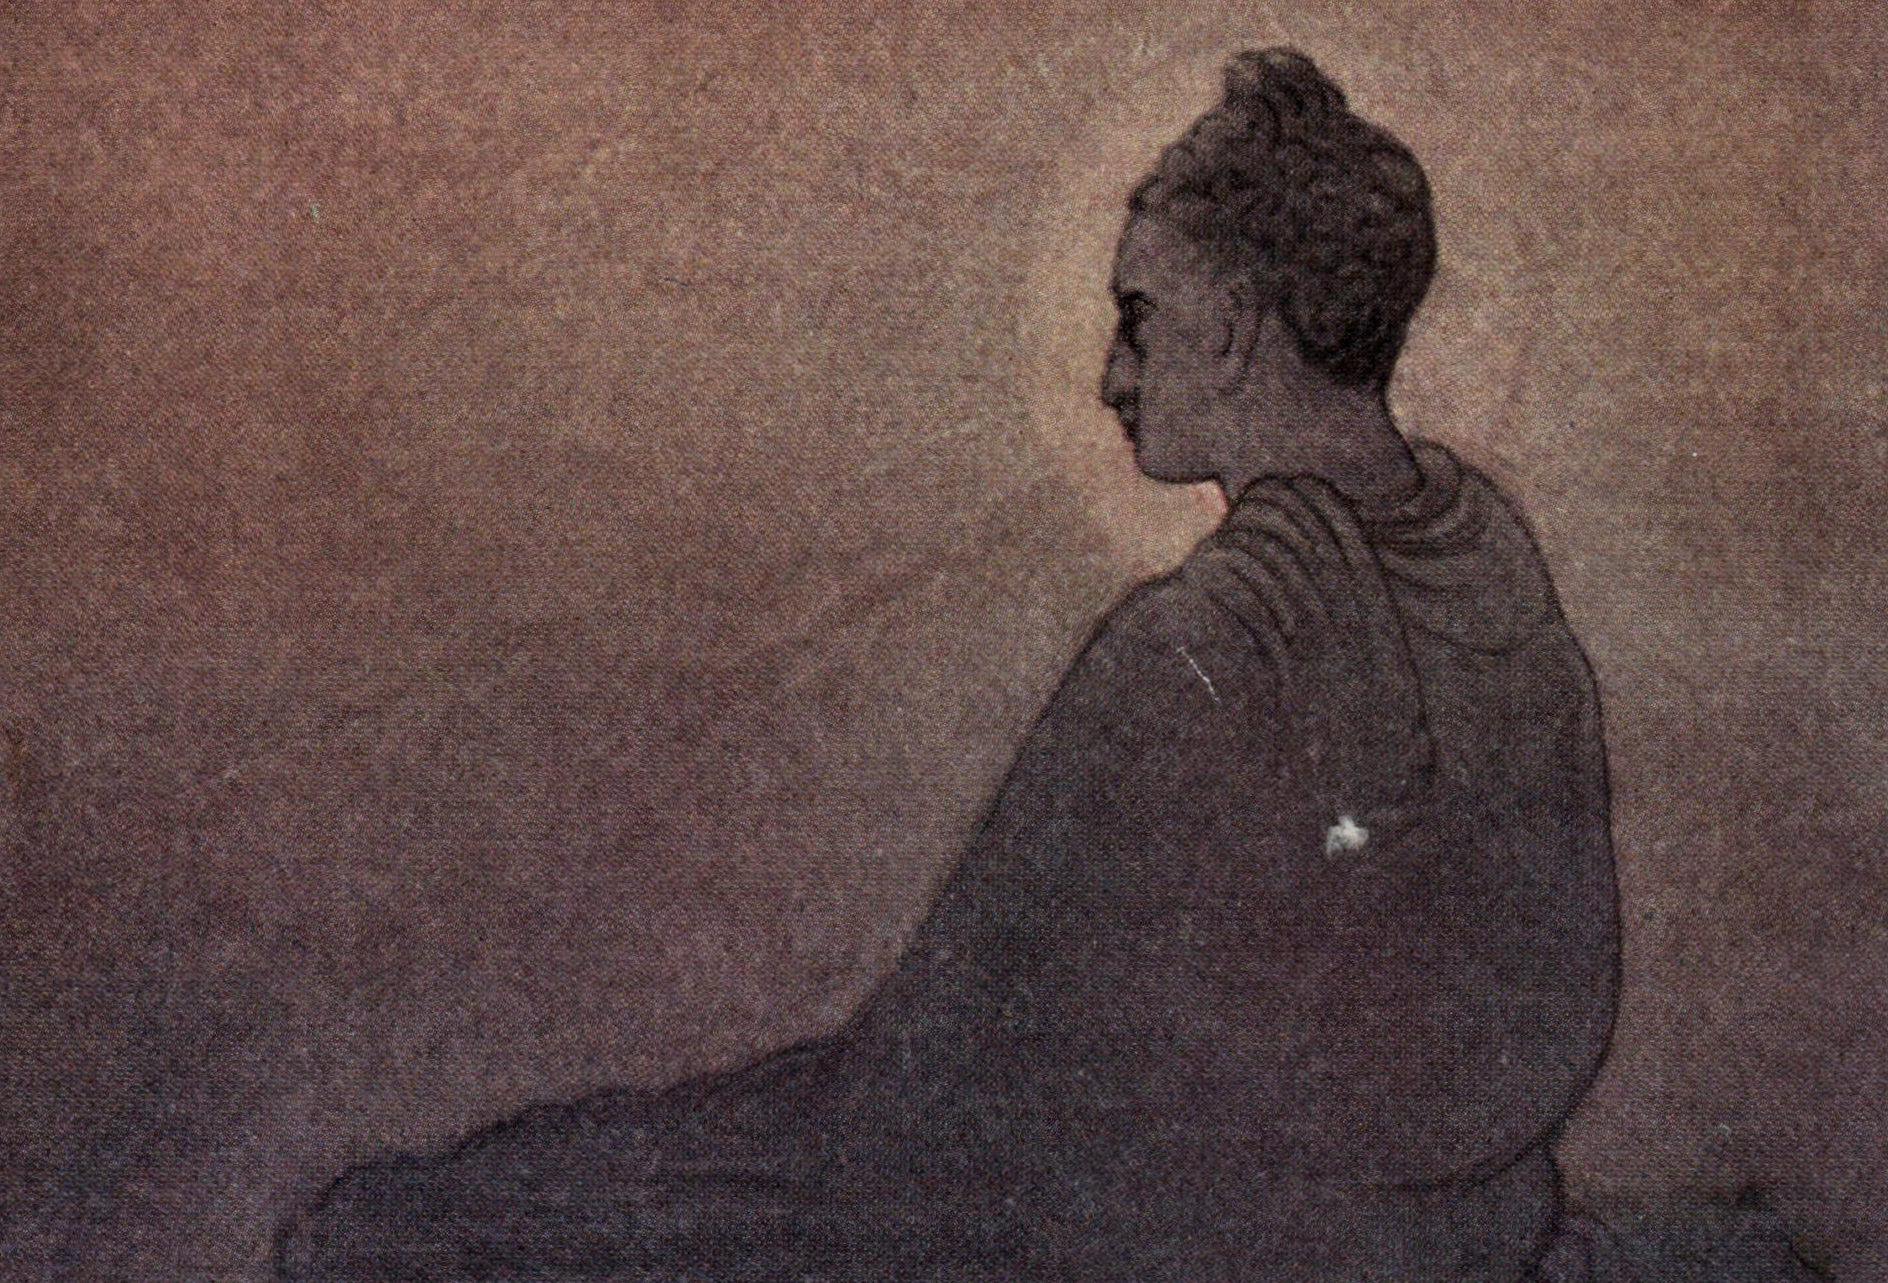 buddha sitting attaining nirvana